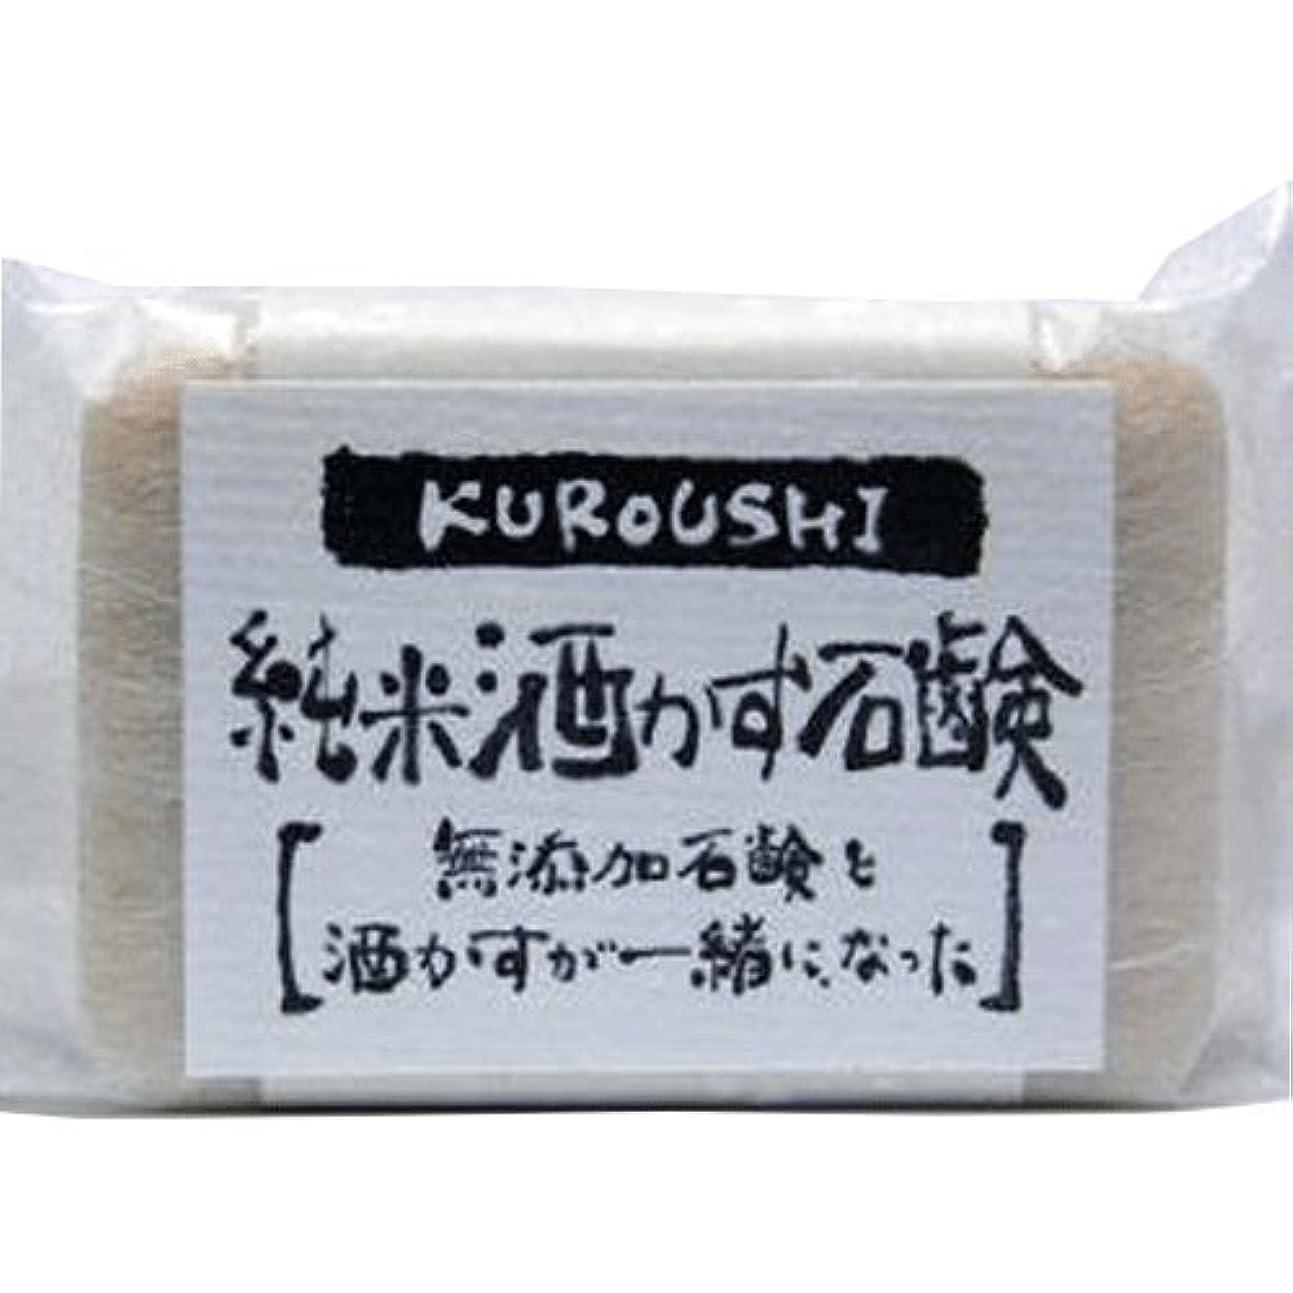 スキム社説友情KUROUSHI 純米酒かす 無添加石鹸(せっけん) 120g 6個セット